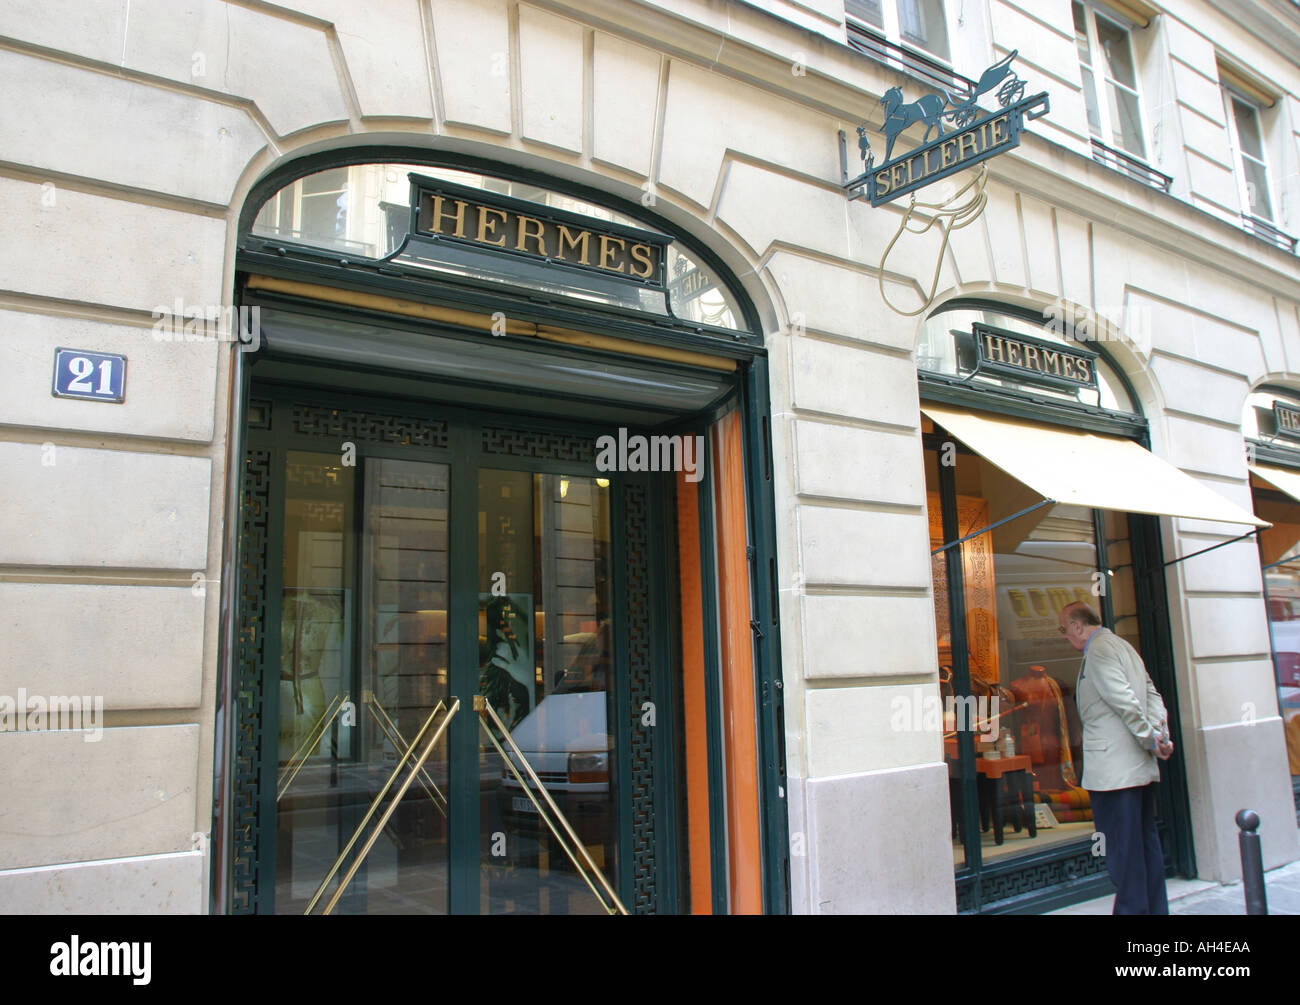 Hermes Paris Photos   Hermes Paris Images - Alamy 3bb1702748f